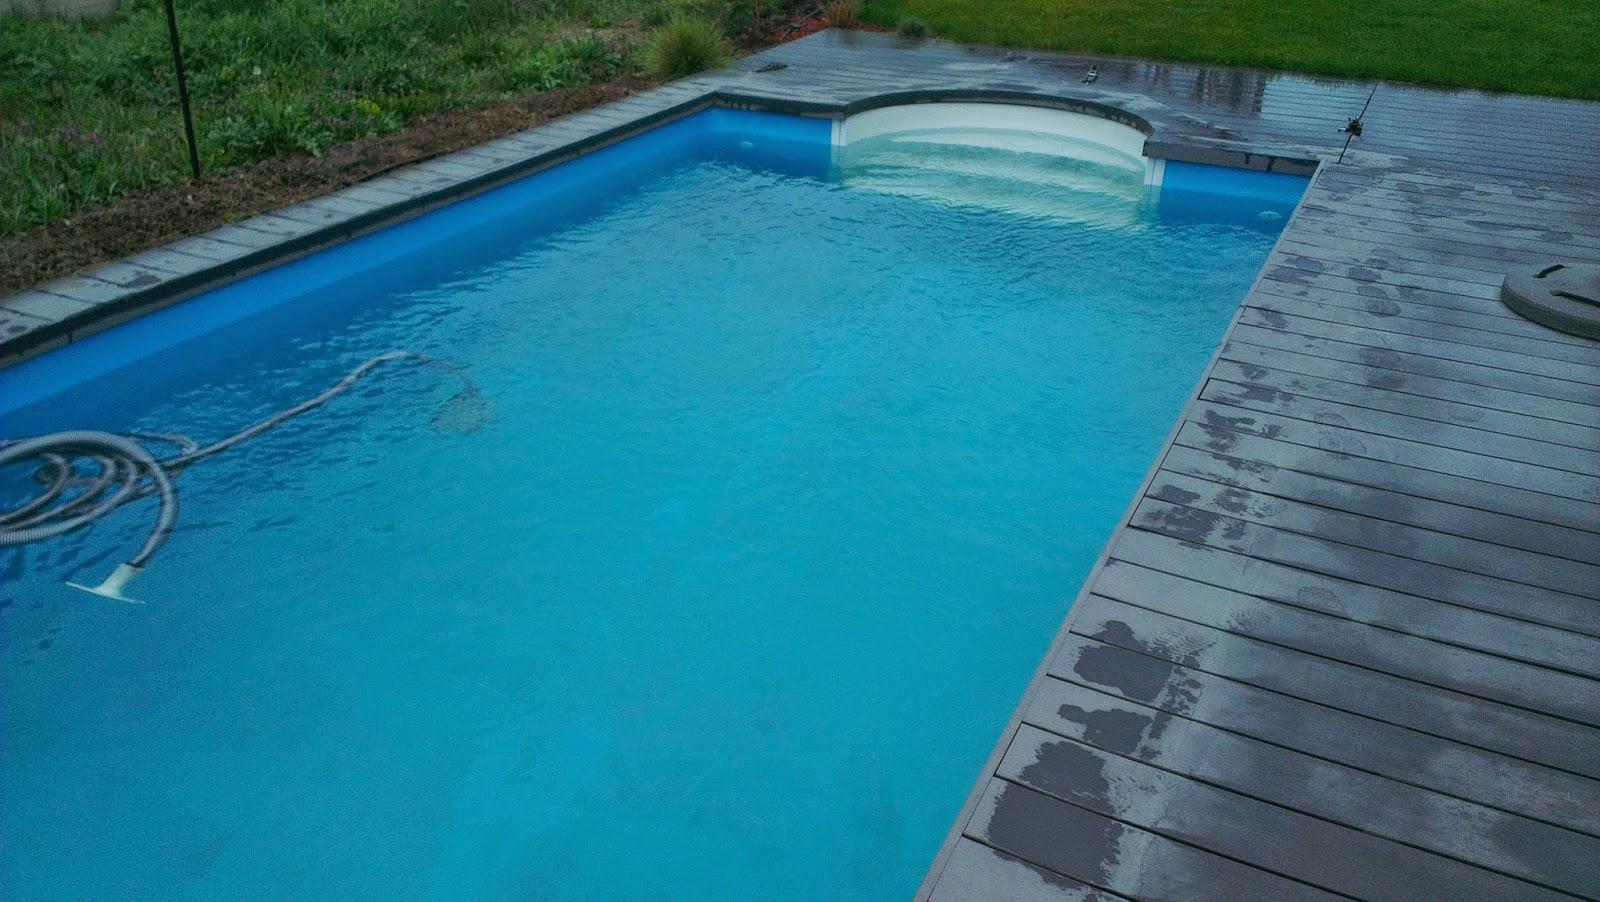 Hausbau das tor zur h lle die poolsaison - Kubikmeter berechnen pool rund ...